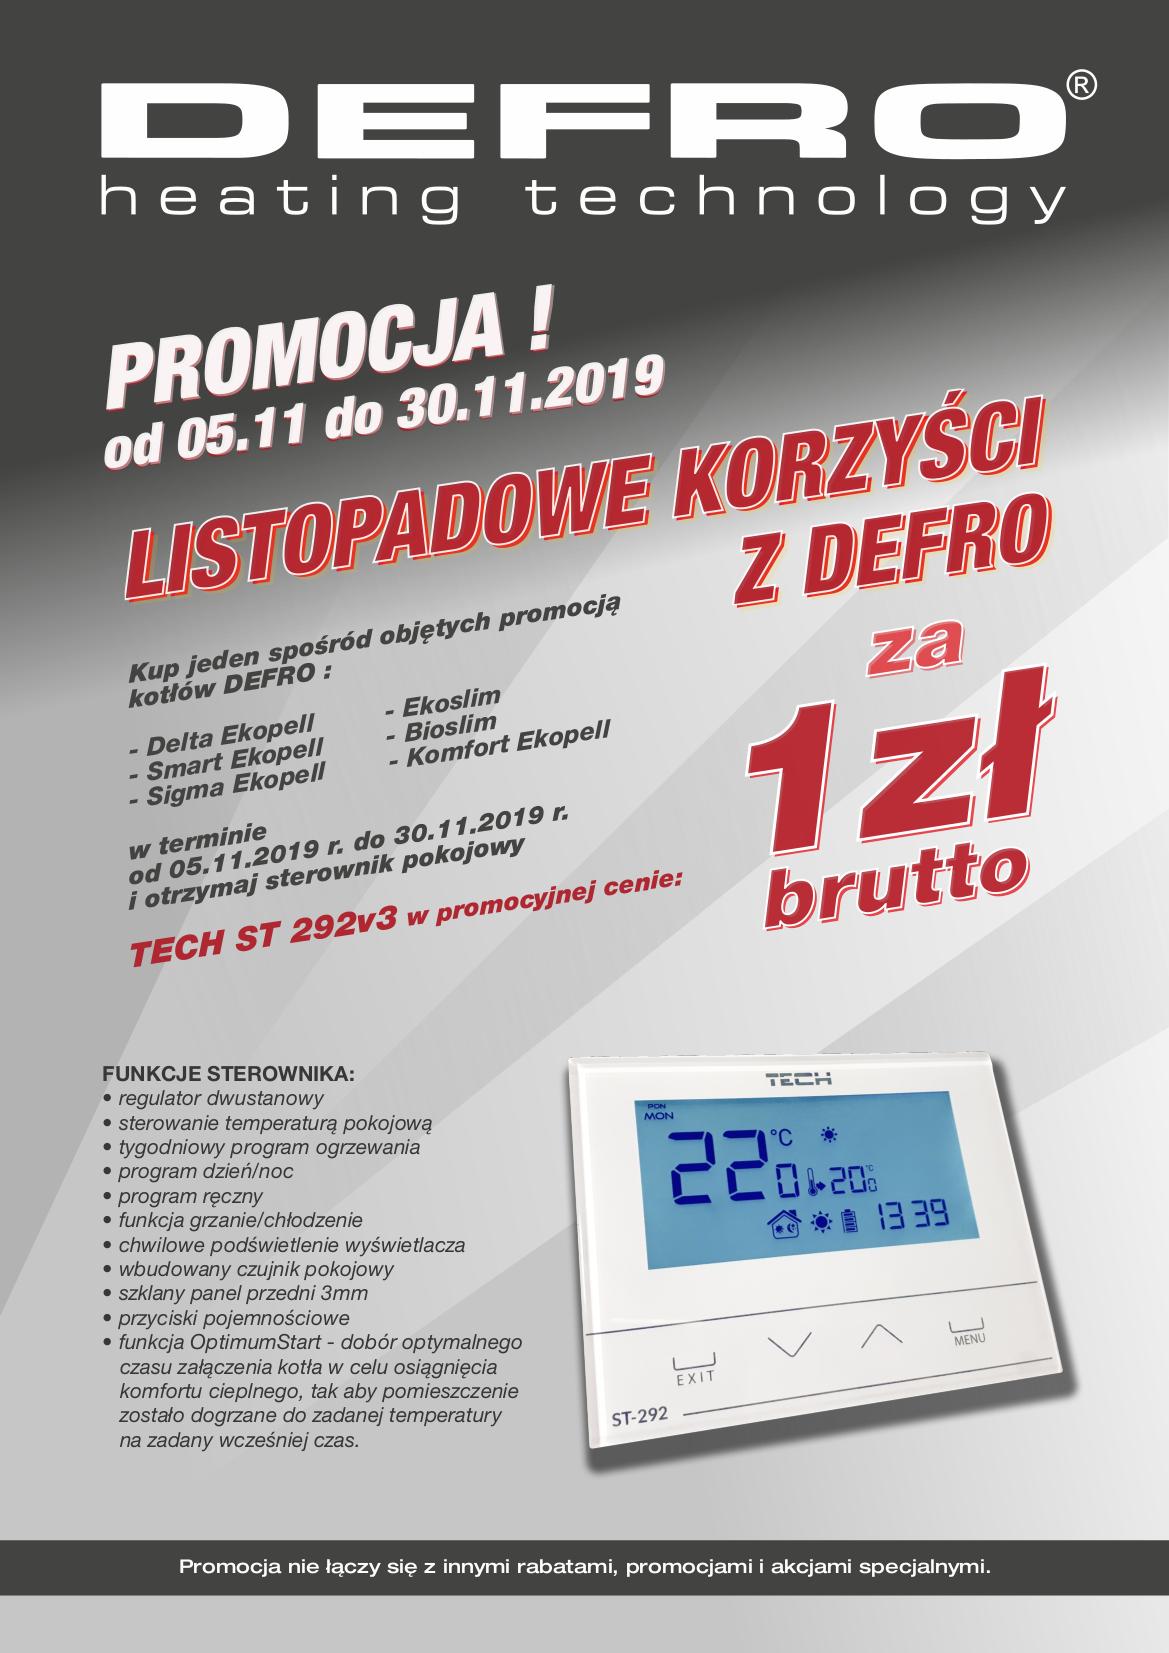 """DEFRO - Promocja """"Listopadowe korzyści z DEFRO"""""""